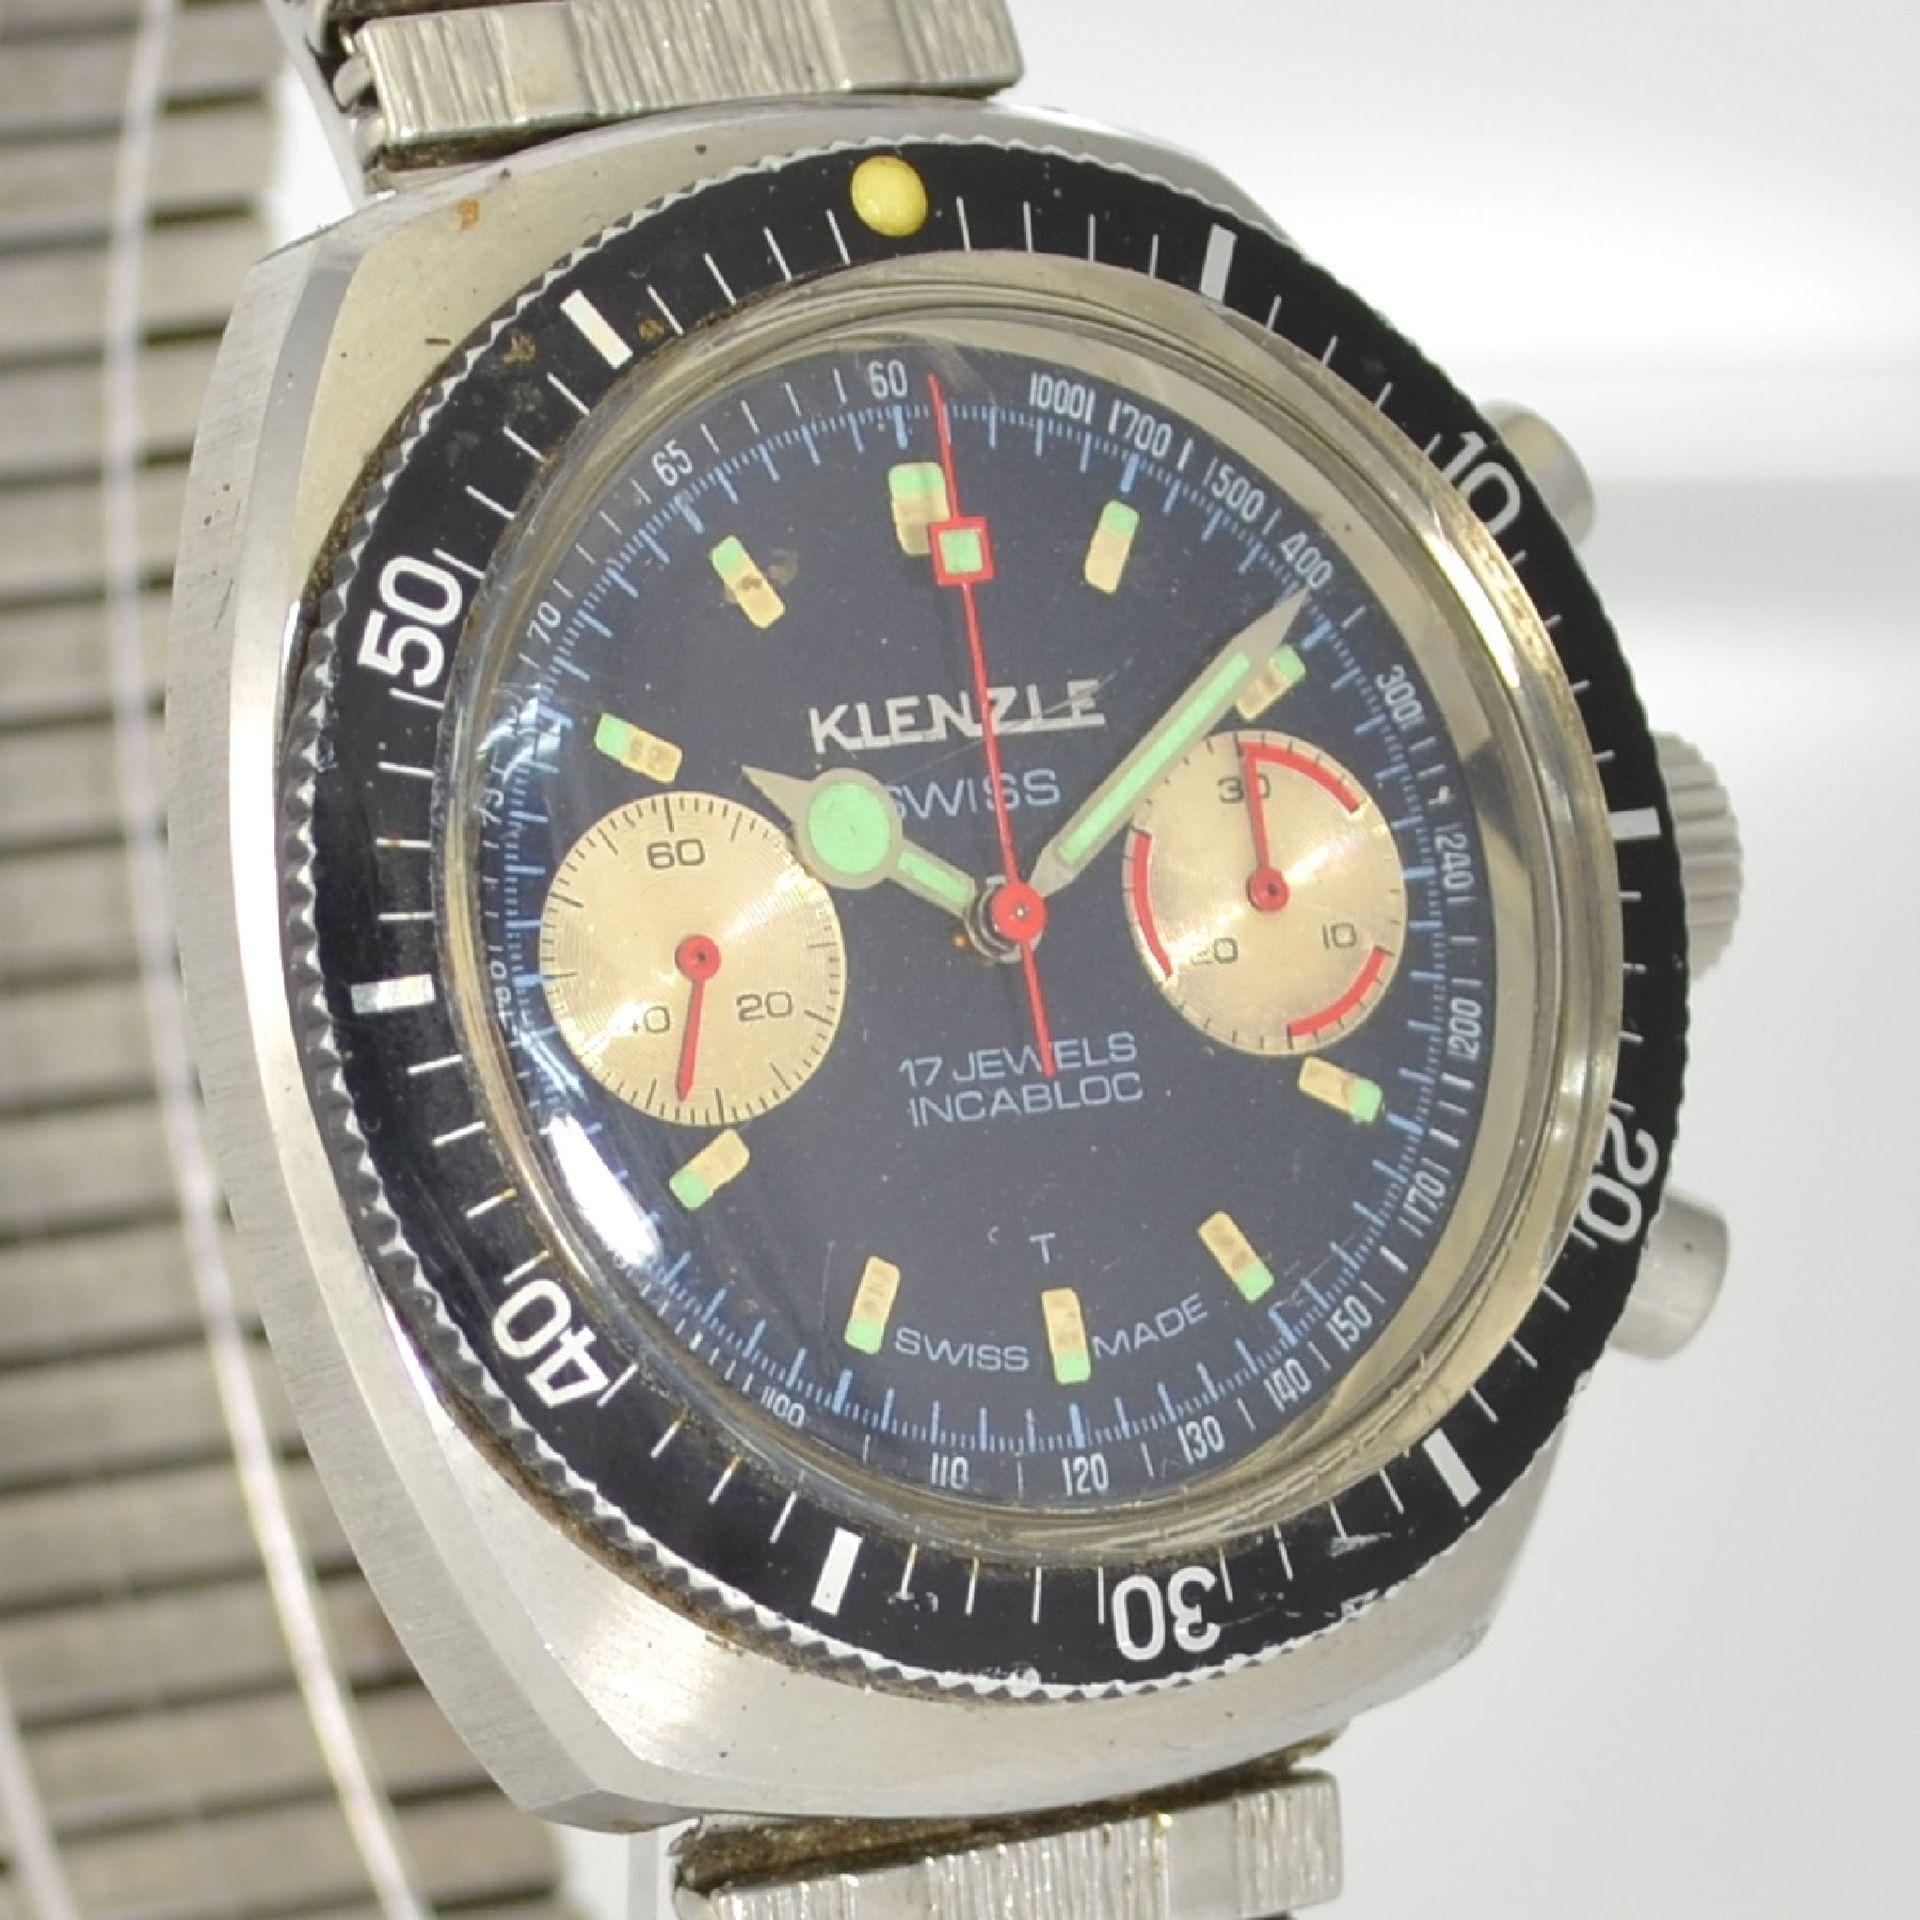 KIENZLE Armbandchronograph, Handaufzug, Schweiz/Deutschland um 1968, Ref. 1006-10, Edelstahlgeh. - Bild 4 aus 5